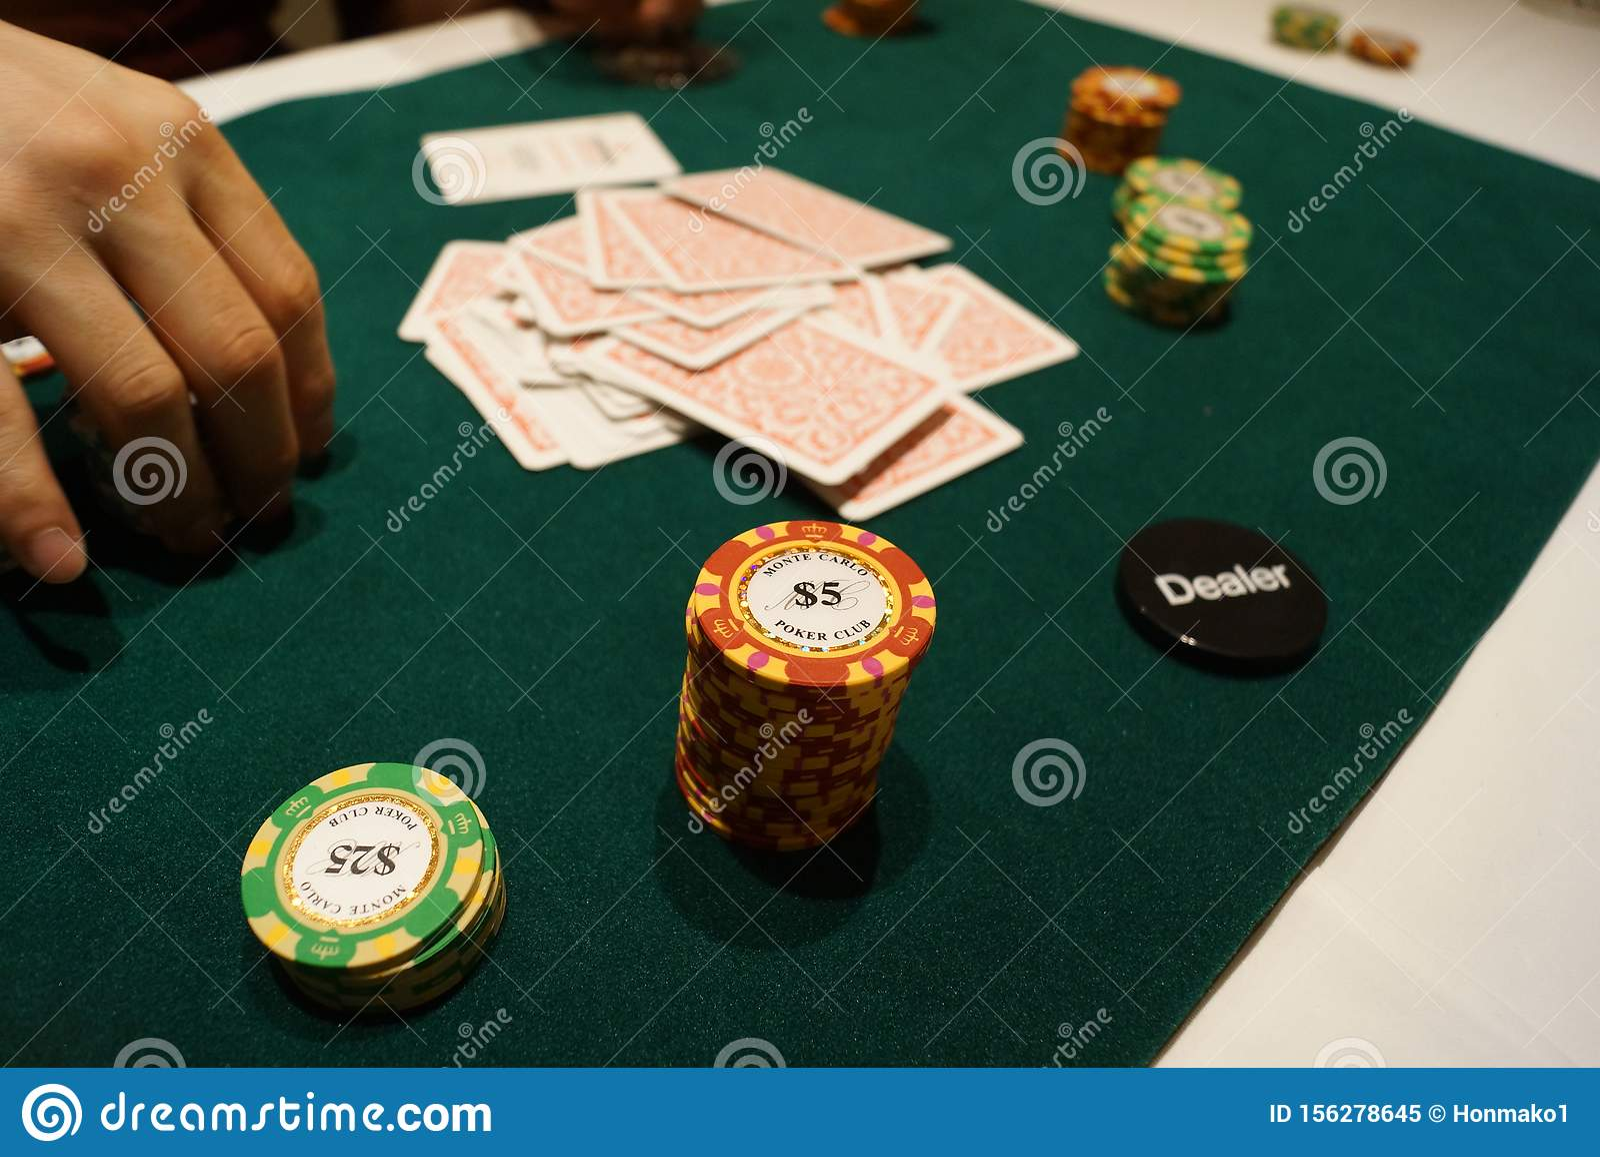 poker echte geld spielen